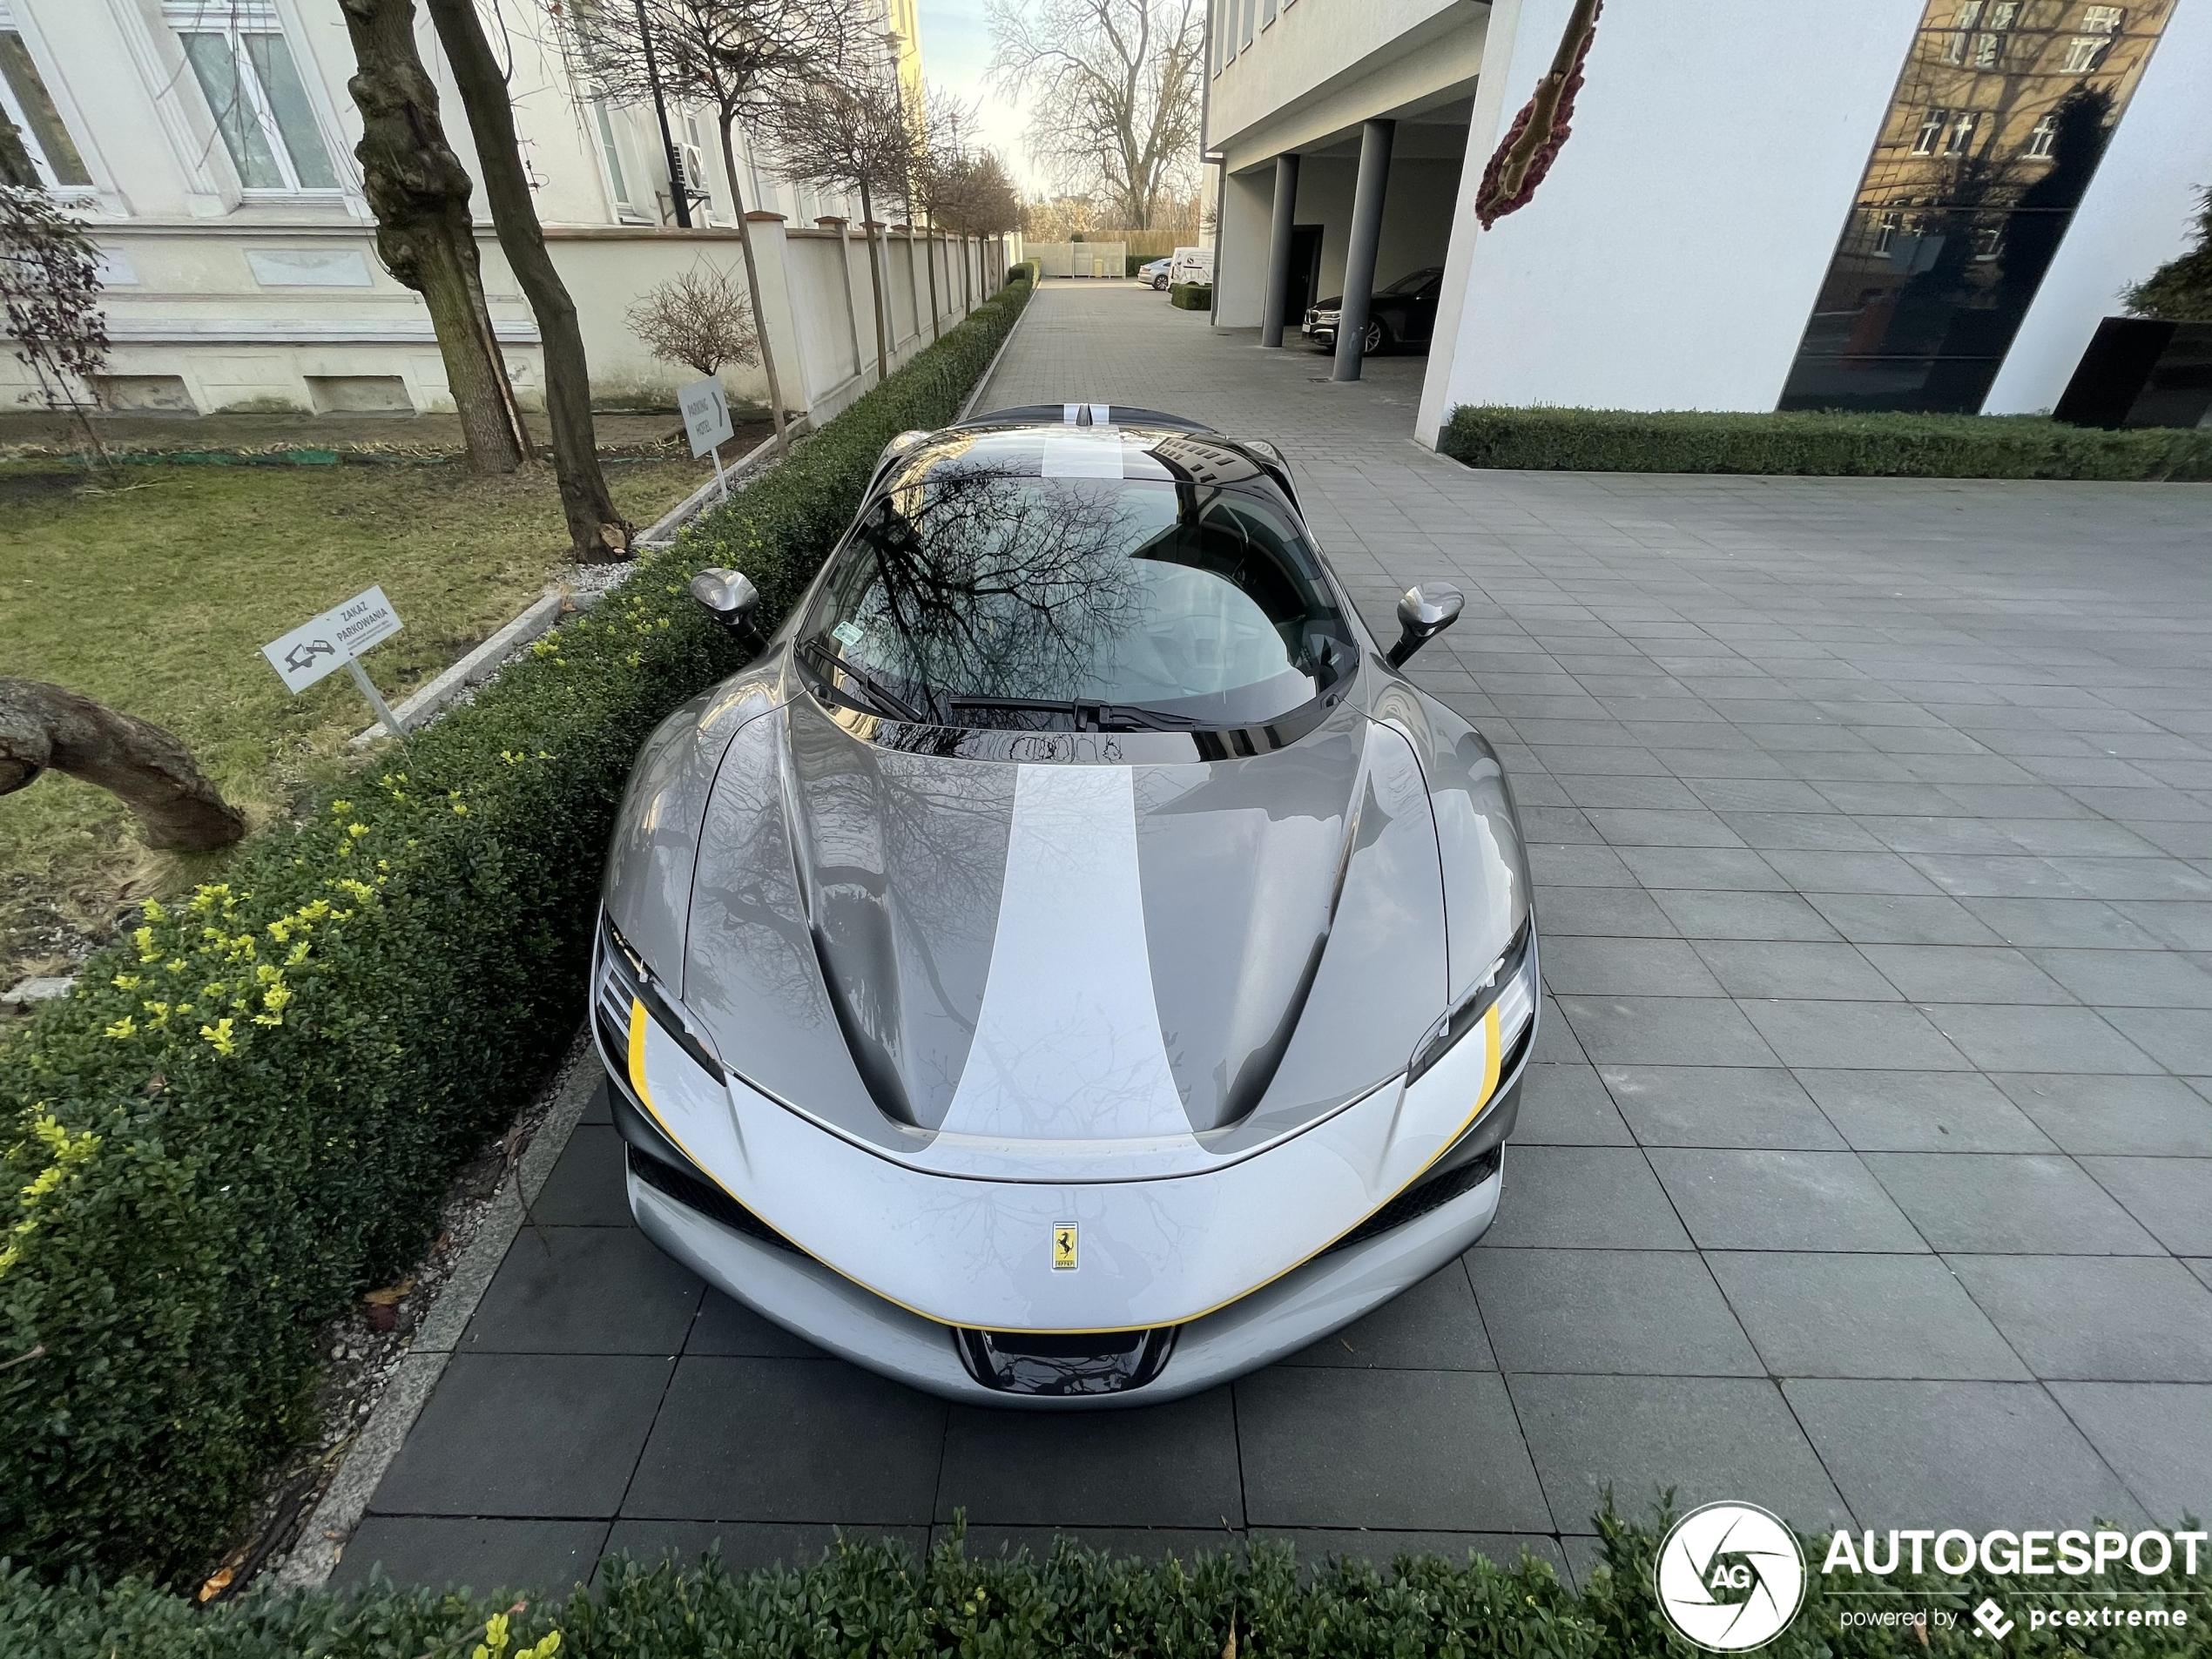 Polen heeft ook een Ferrari SF90 Stradale Assetto Fiorano gekregen